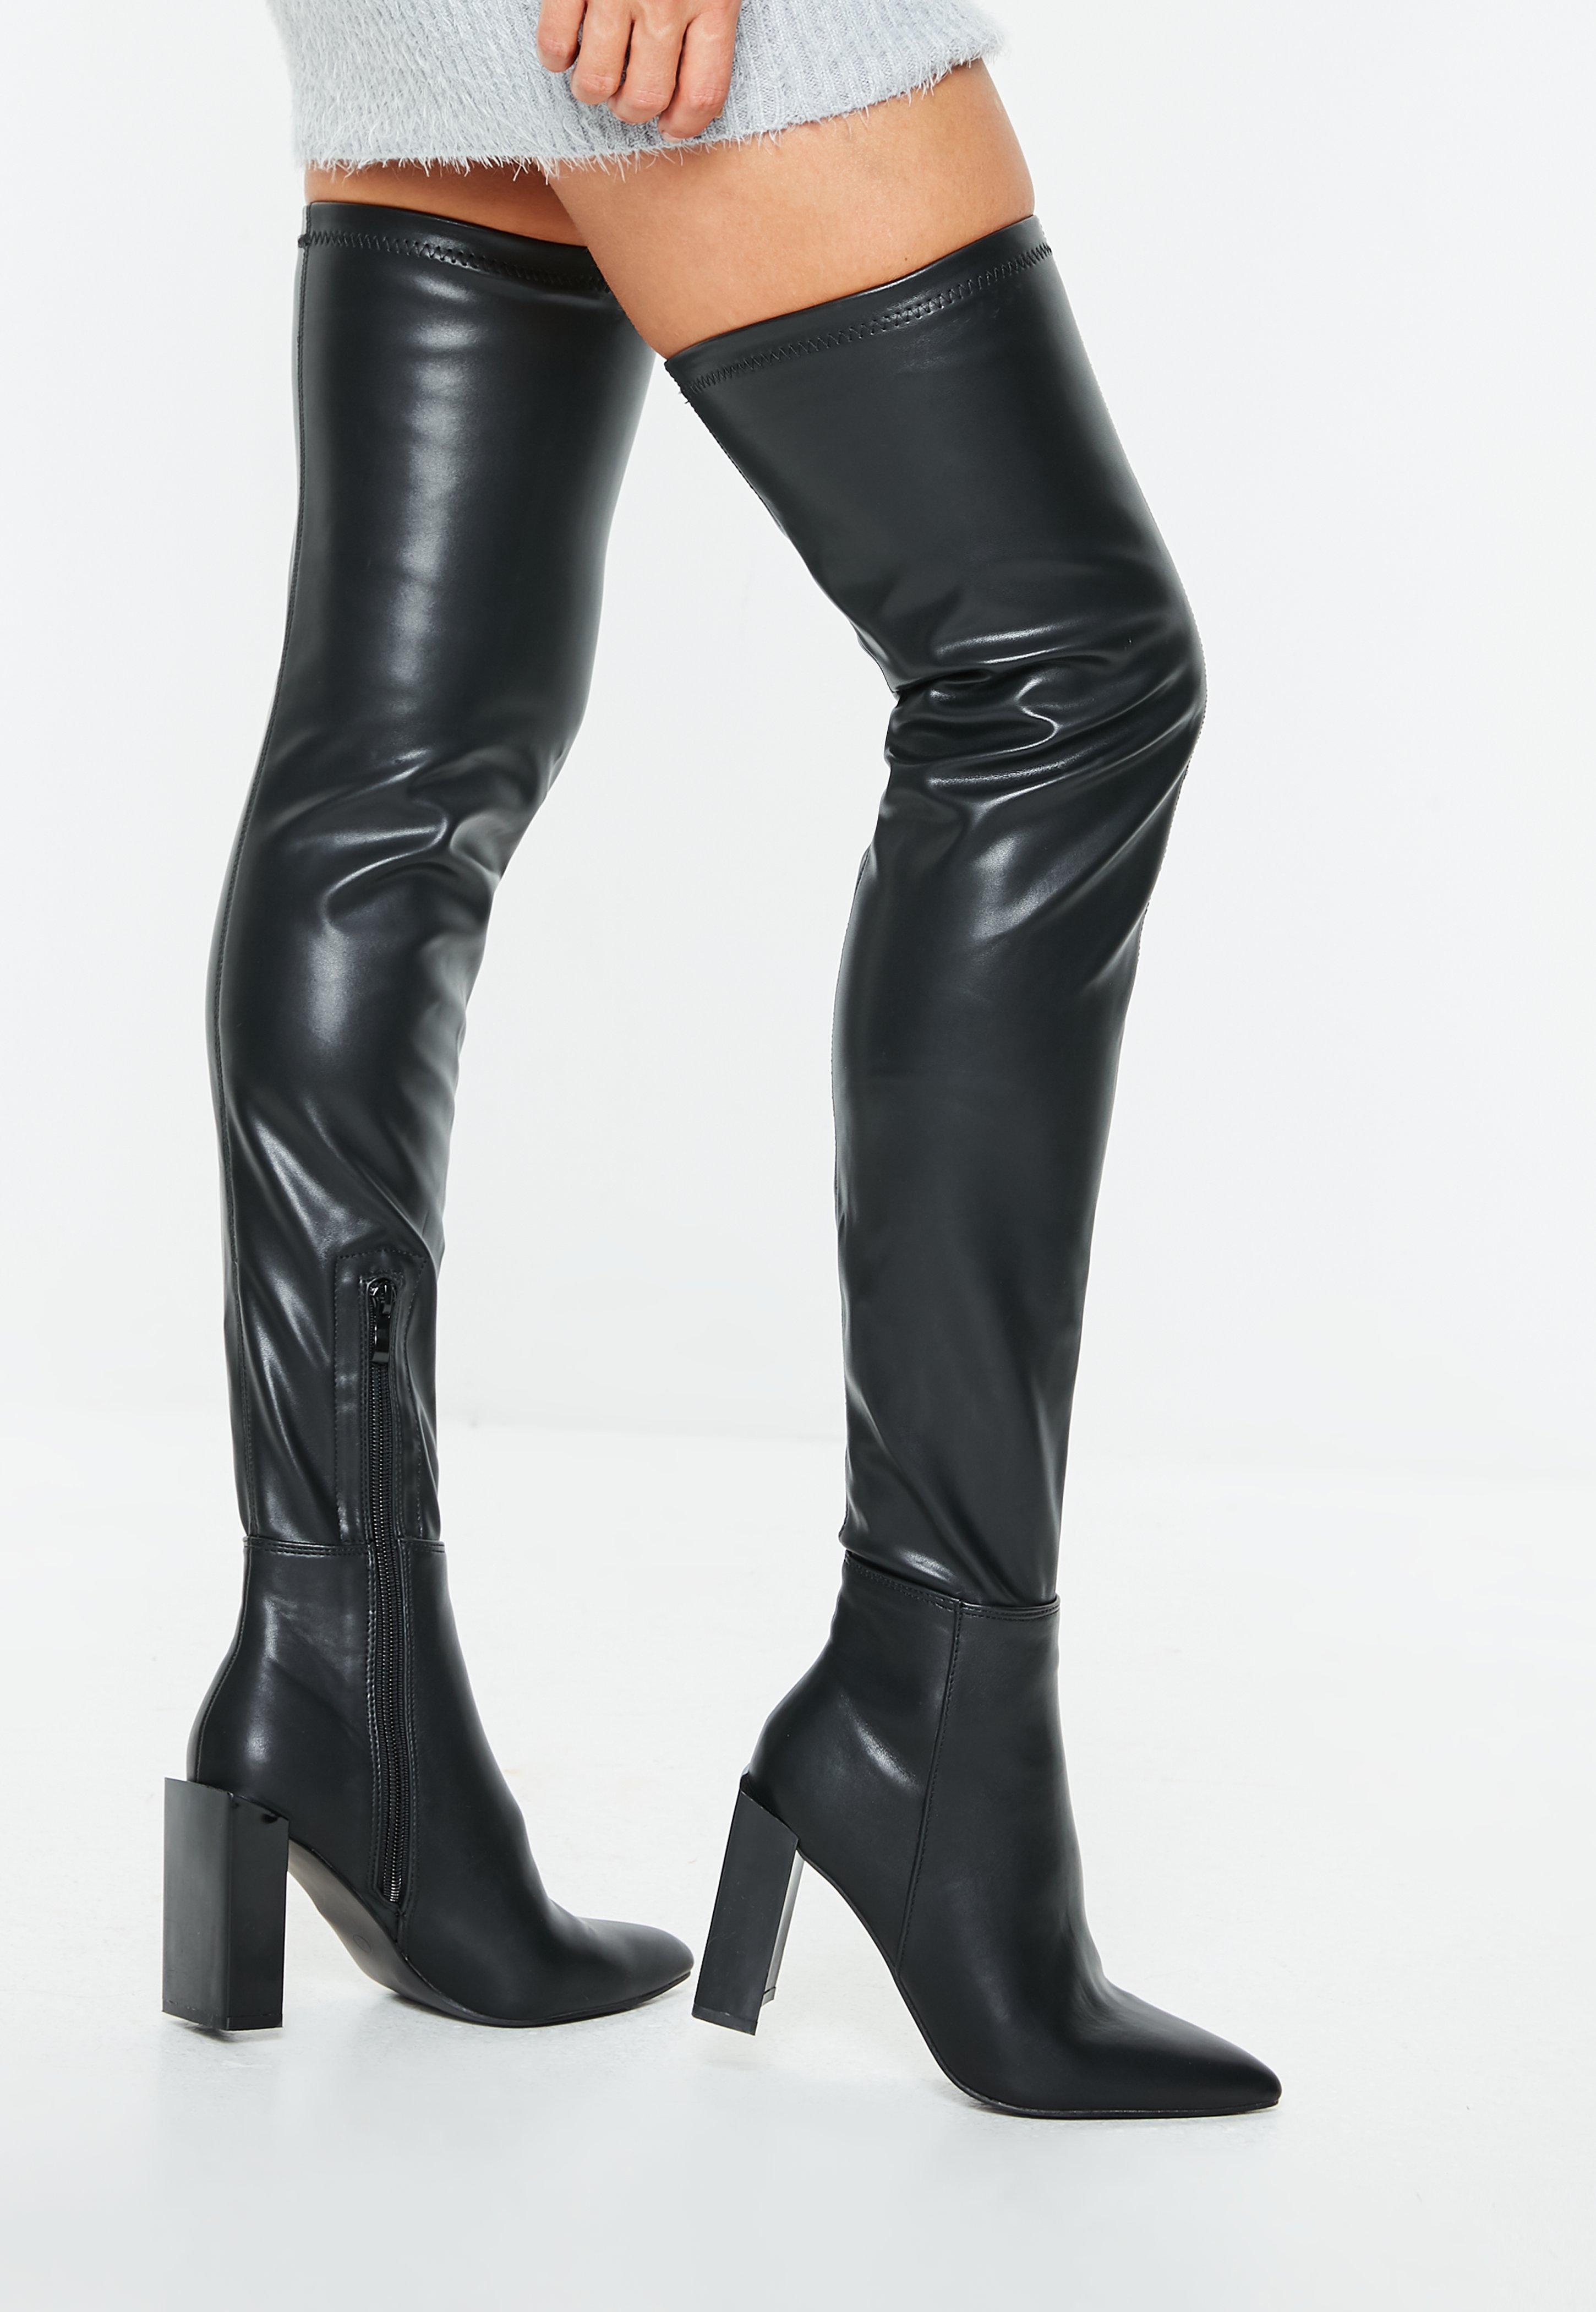 088a4d329fb48 Boots femme   Boots noires   camel en ligne - Missguided